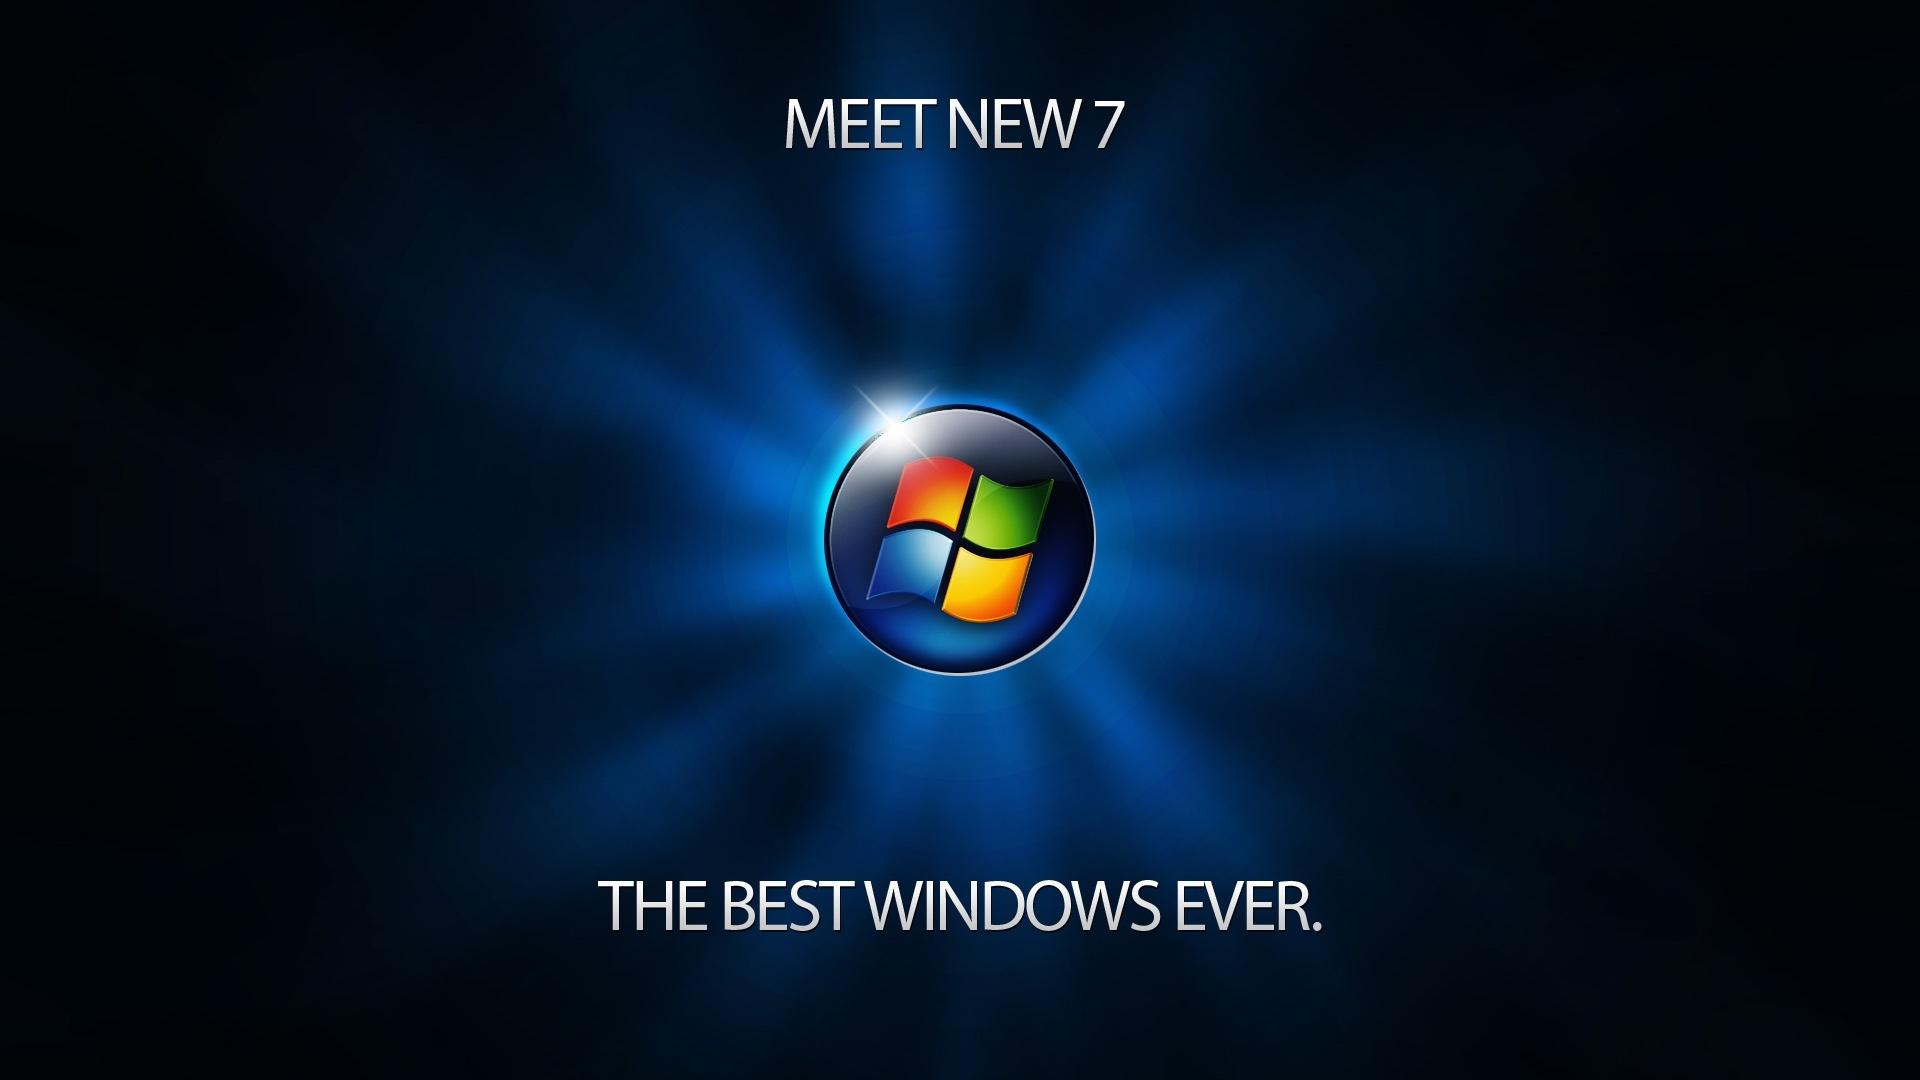 Windows 7 Meet